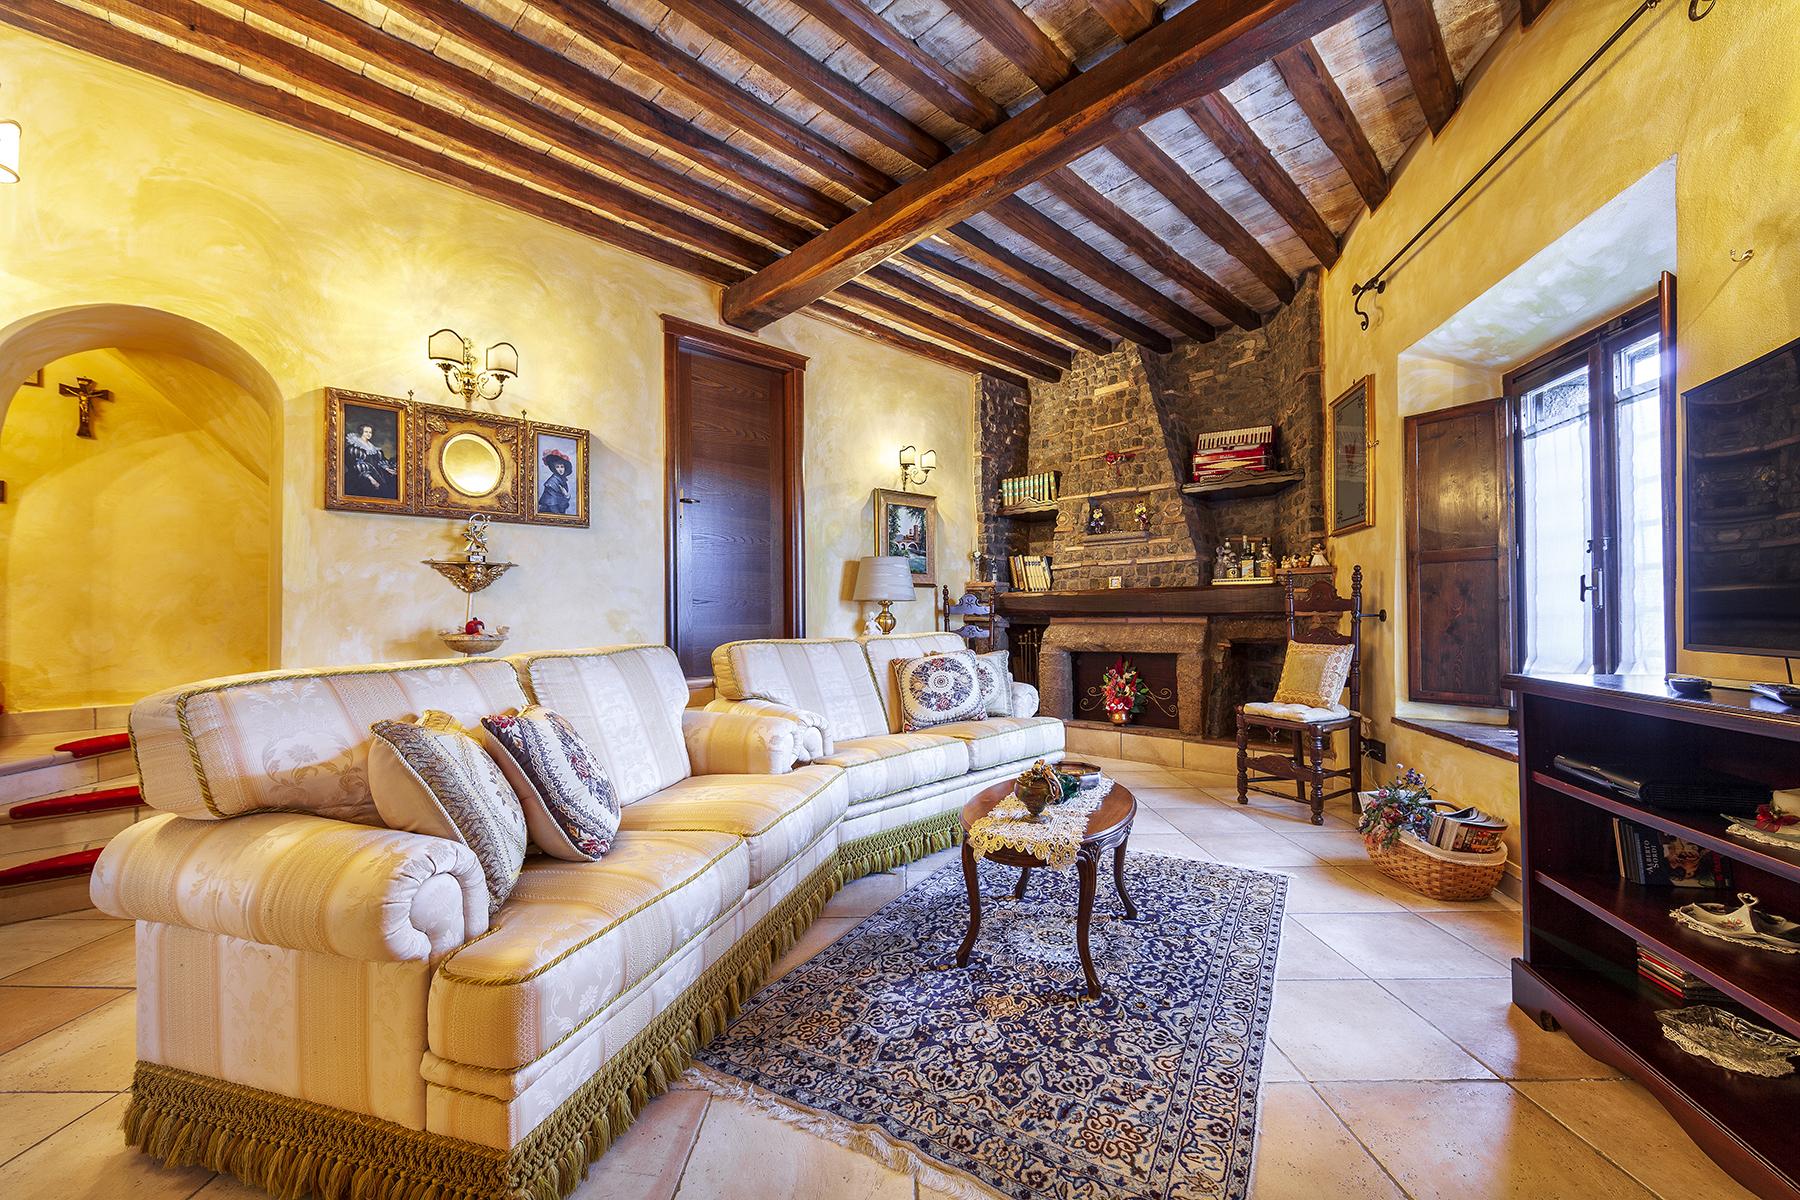 Villa in Vendita a Monte Porzio Catone: 4 locali, 240 mq